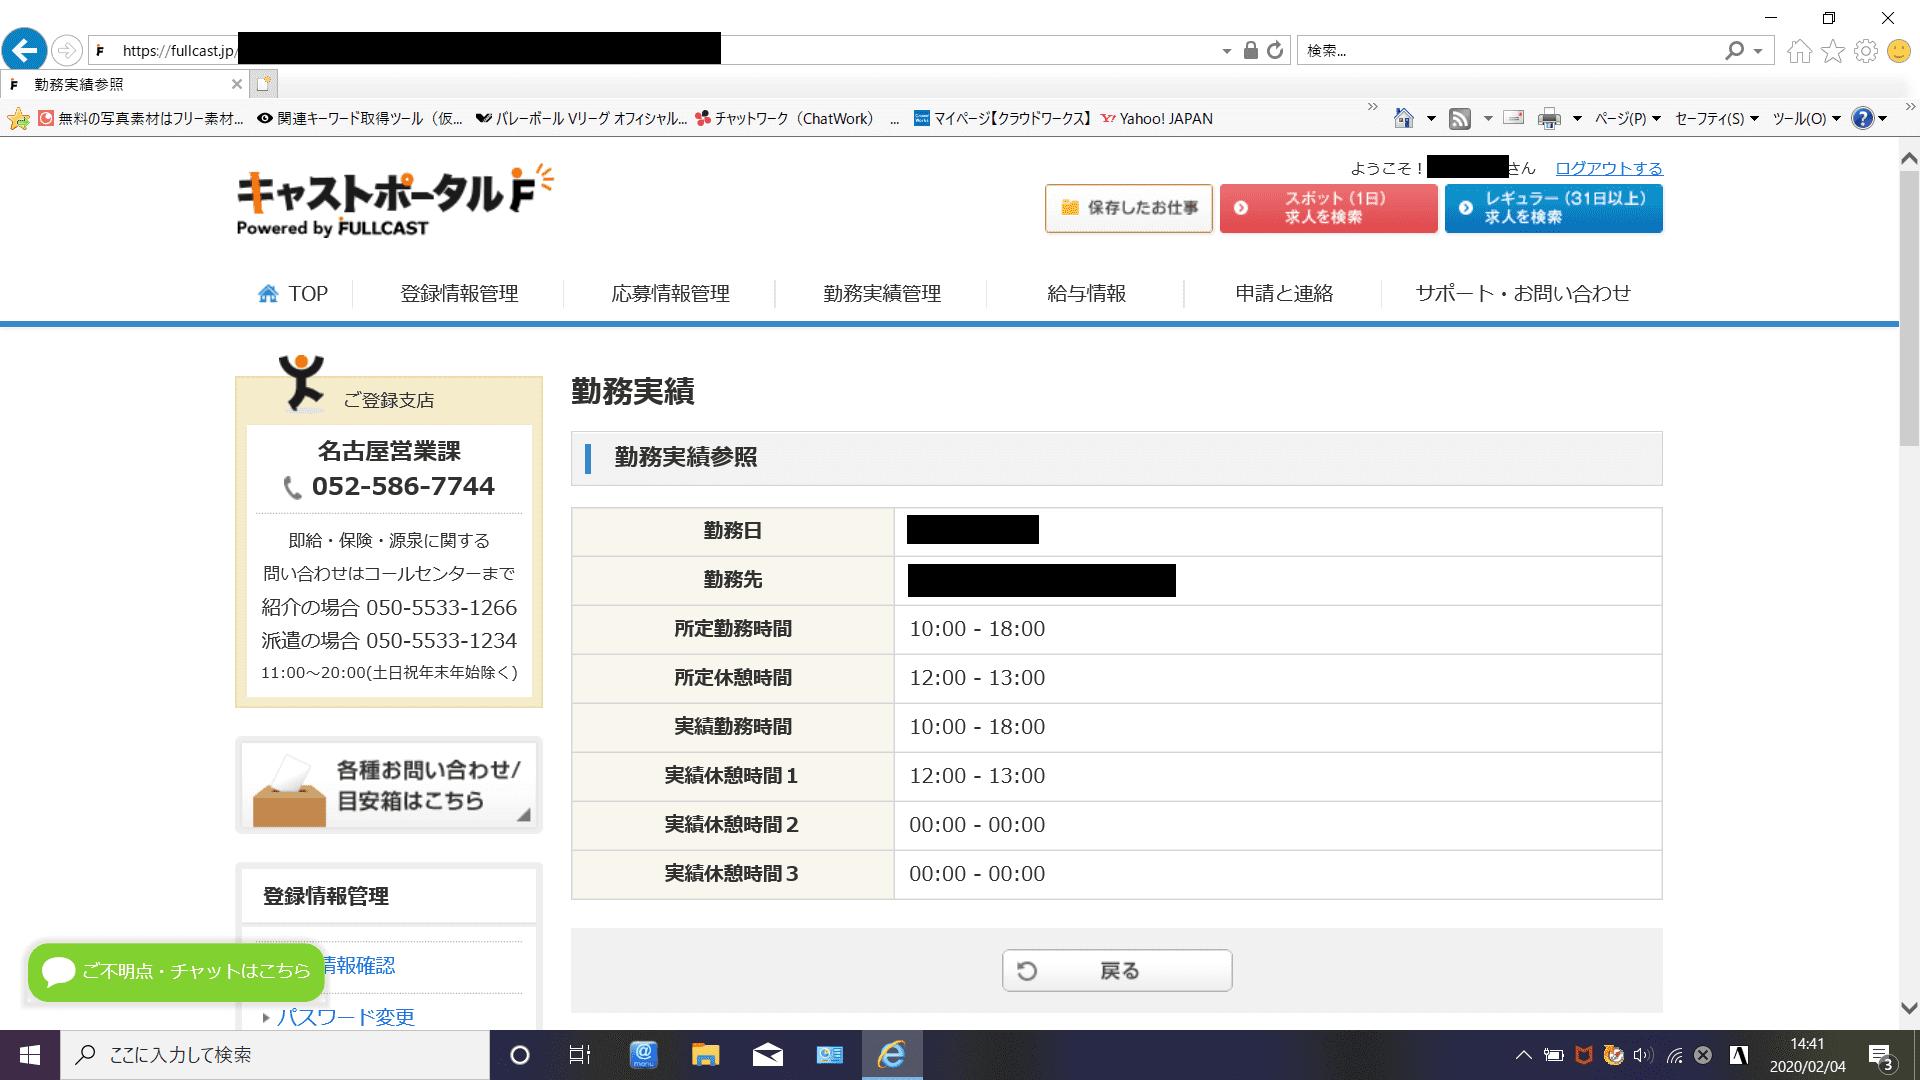 フルキャスト 名古屋支店